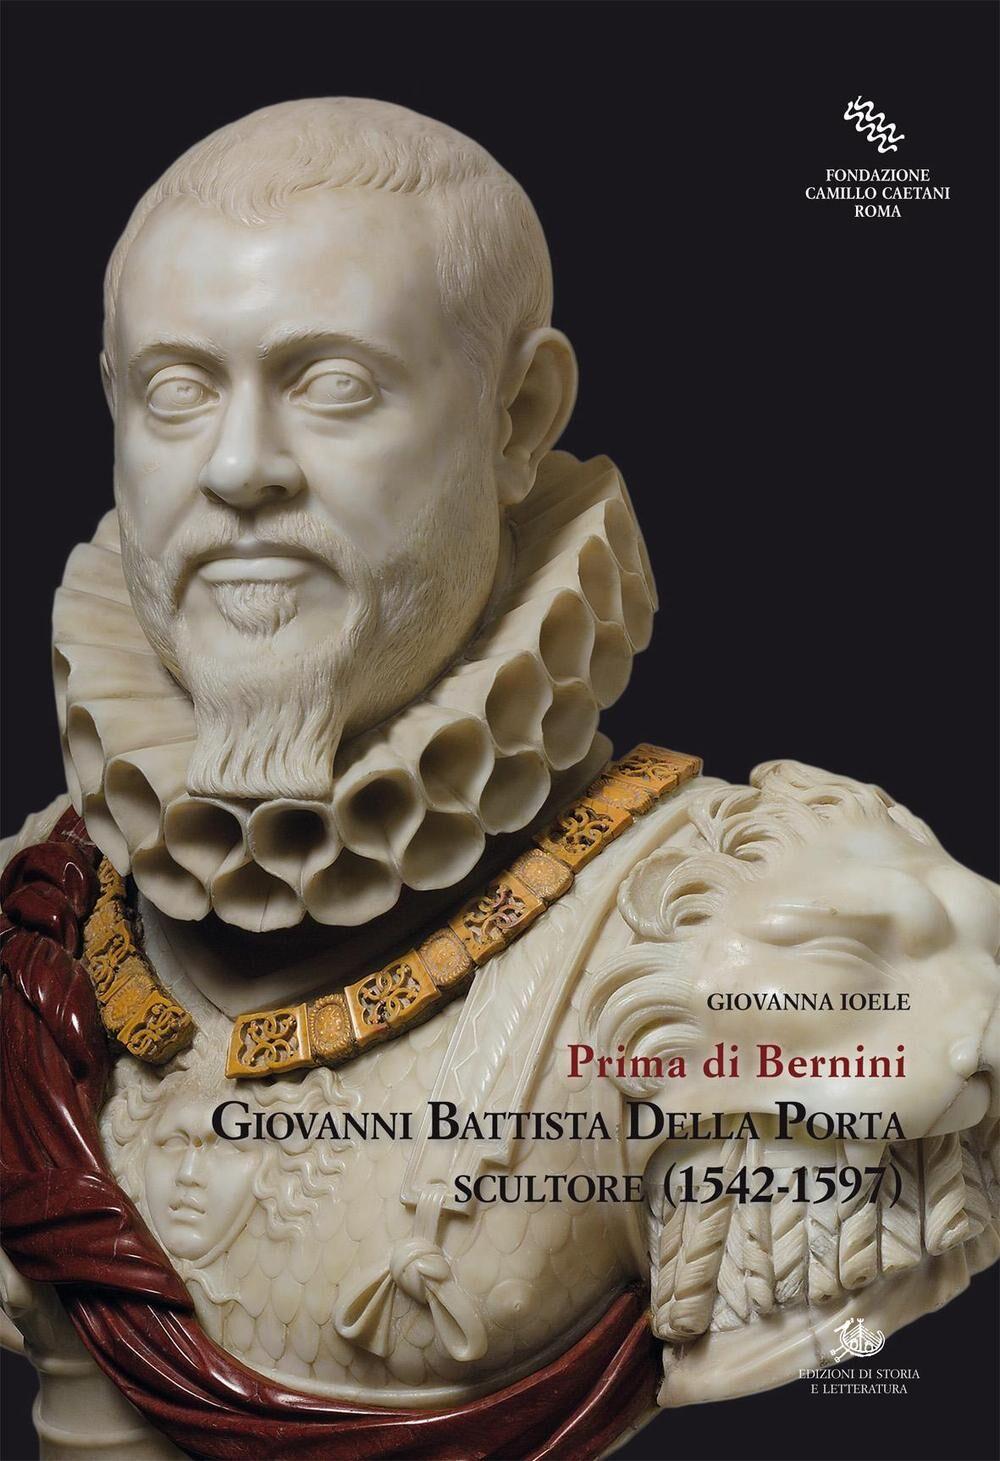 Giovanni Battista Della Porta scultore (1542-1597). Prima di Bernini